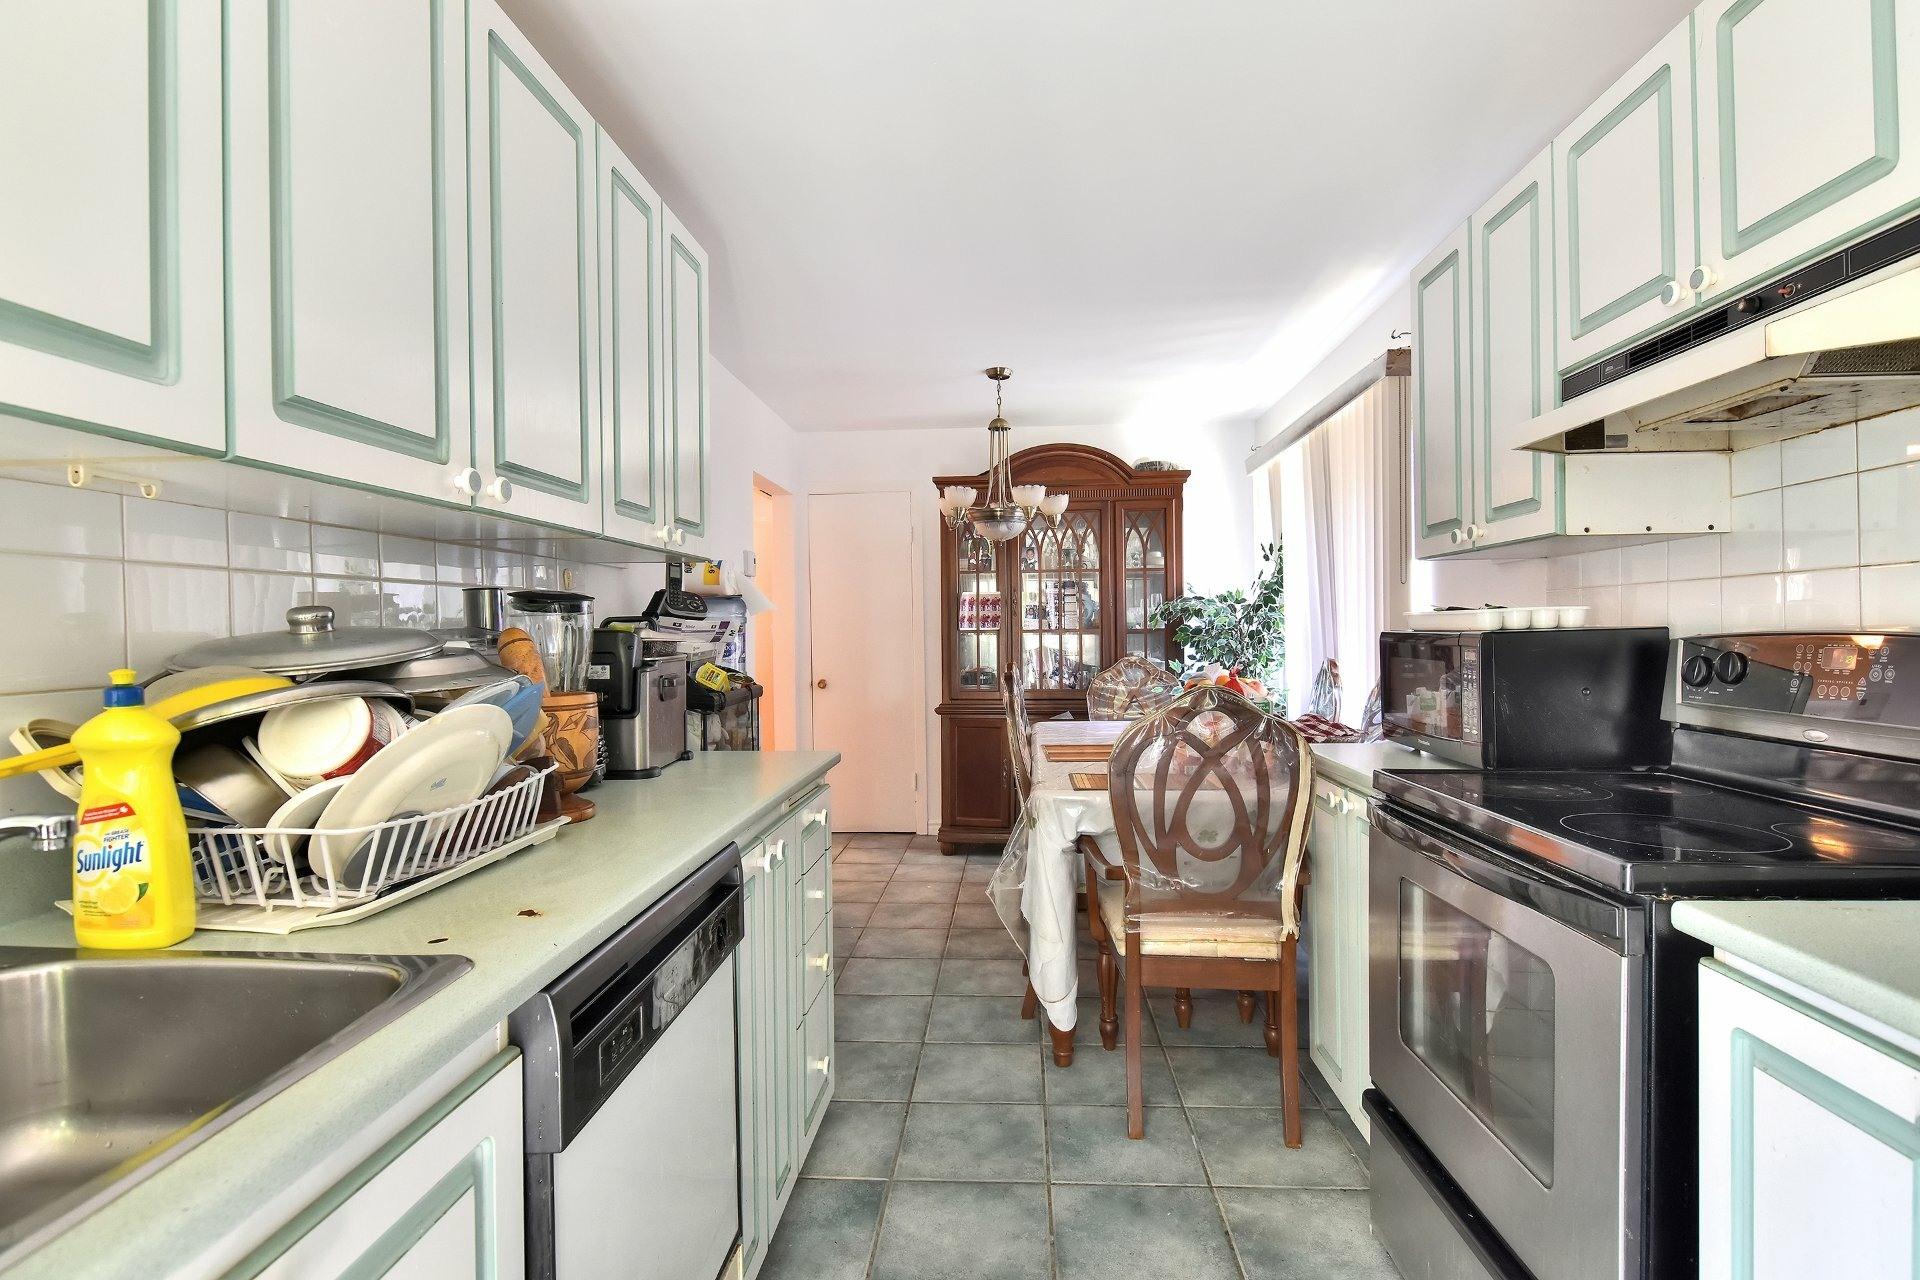 image 15 - Duplex For sale Rivière-des-Prairies/Pointe-aux-Trembles Montréal  - 5 rooms